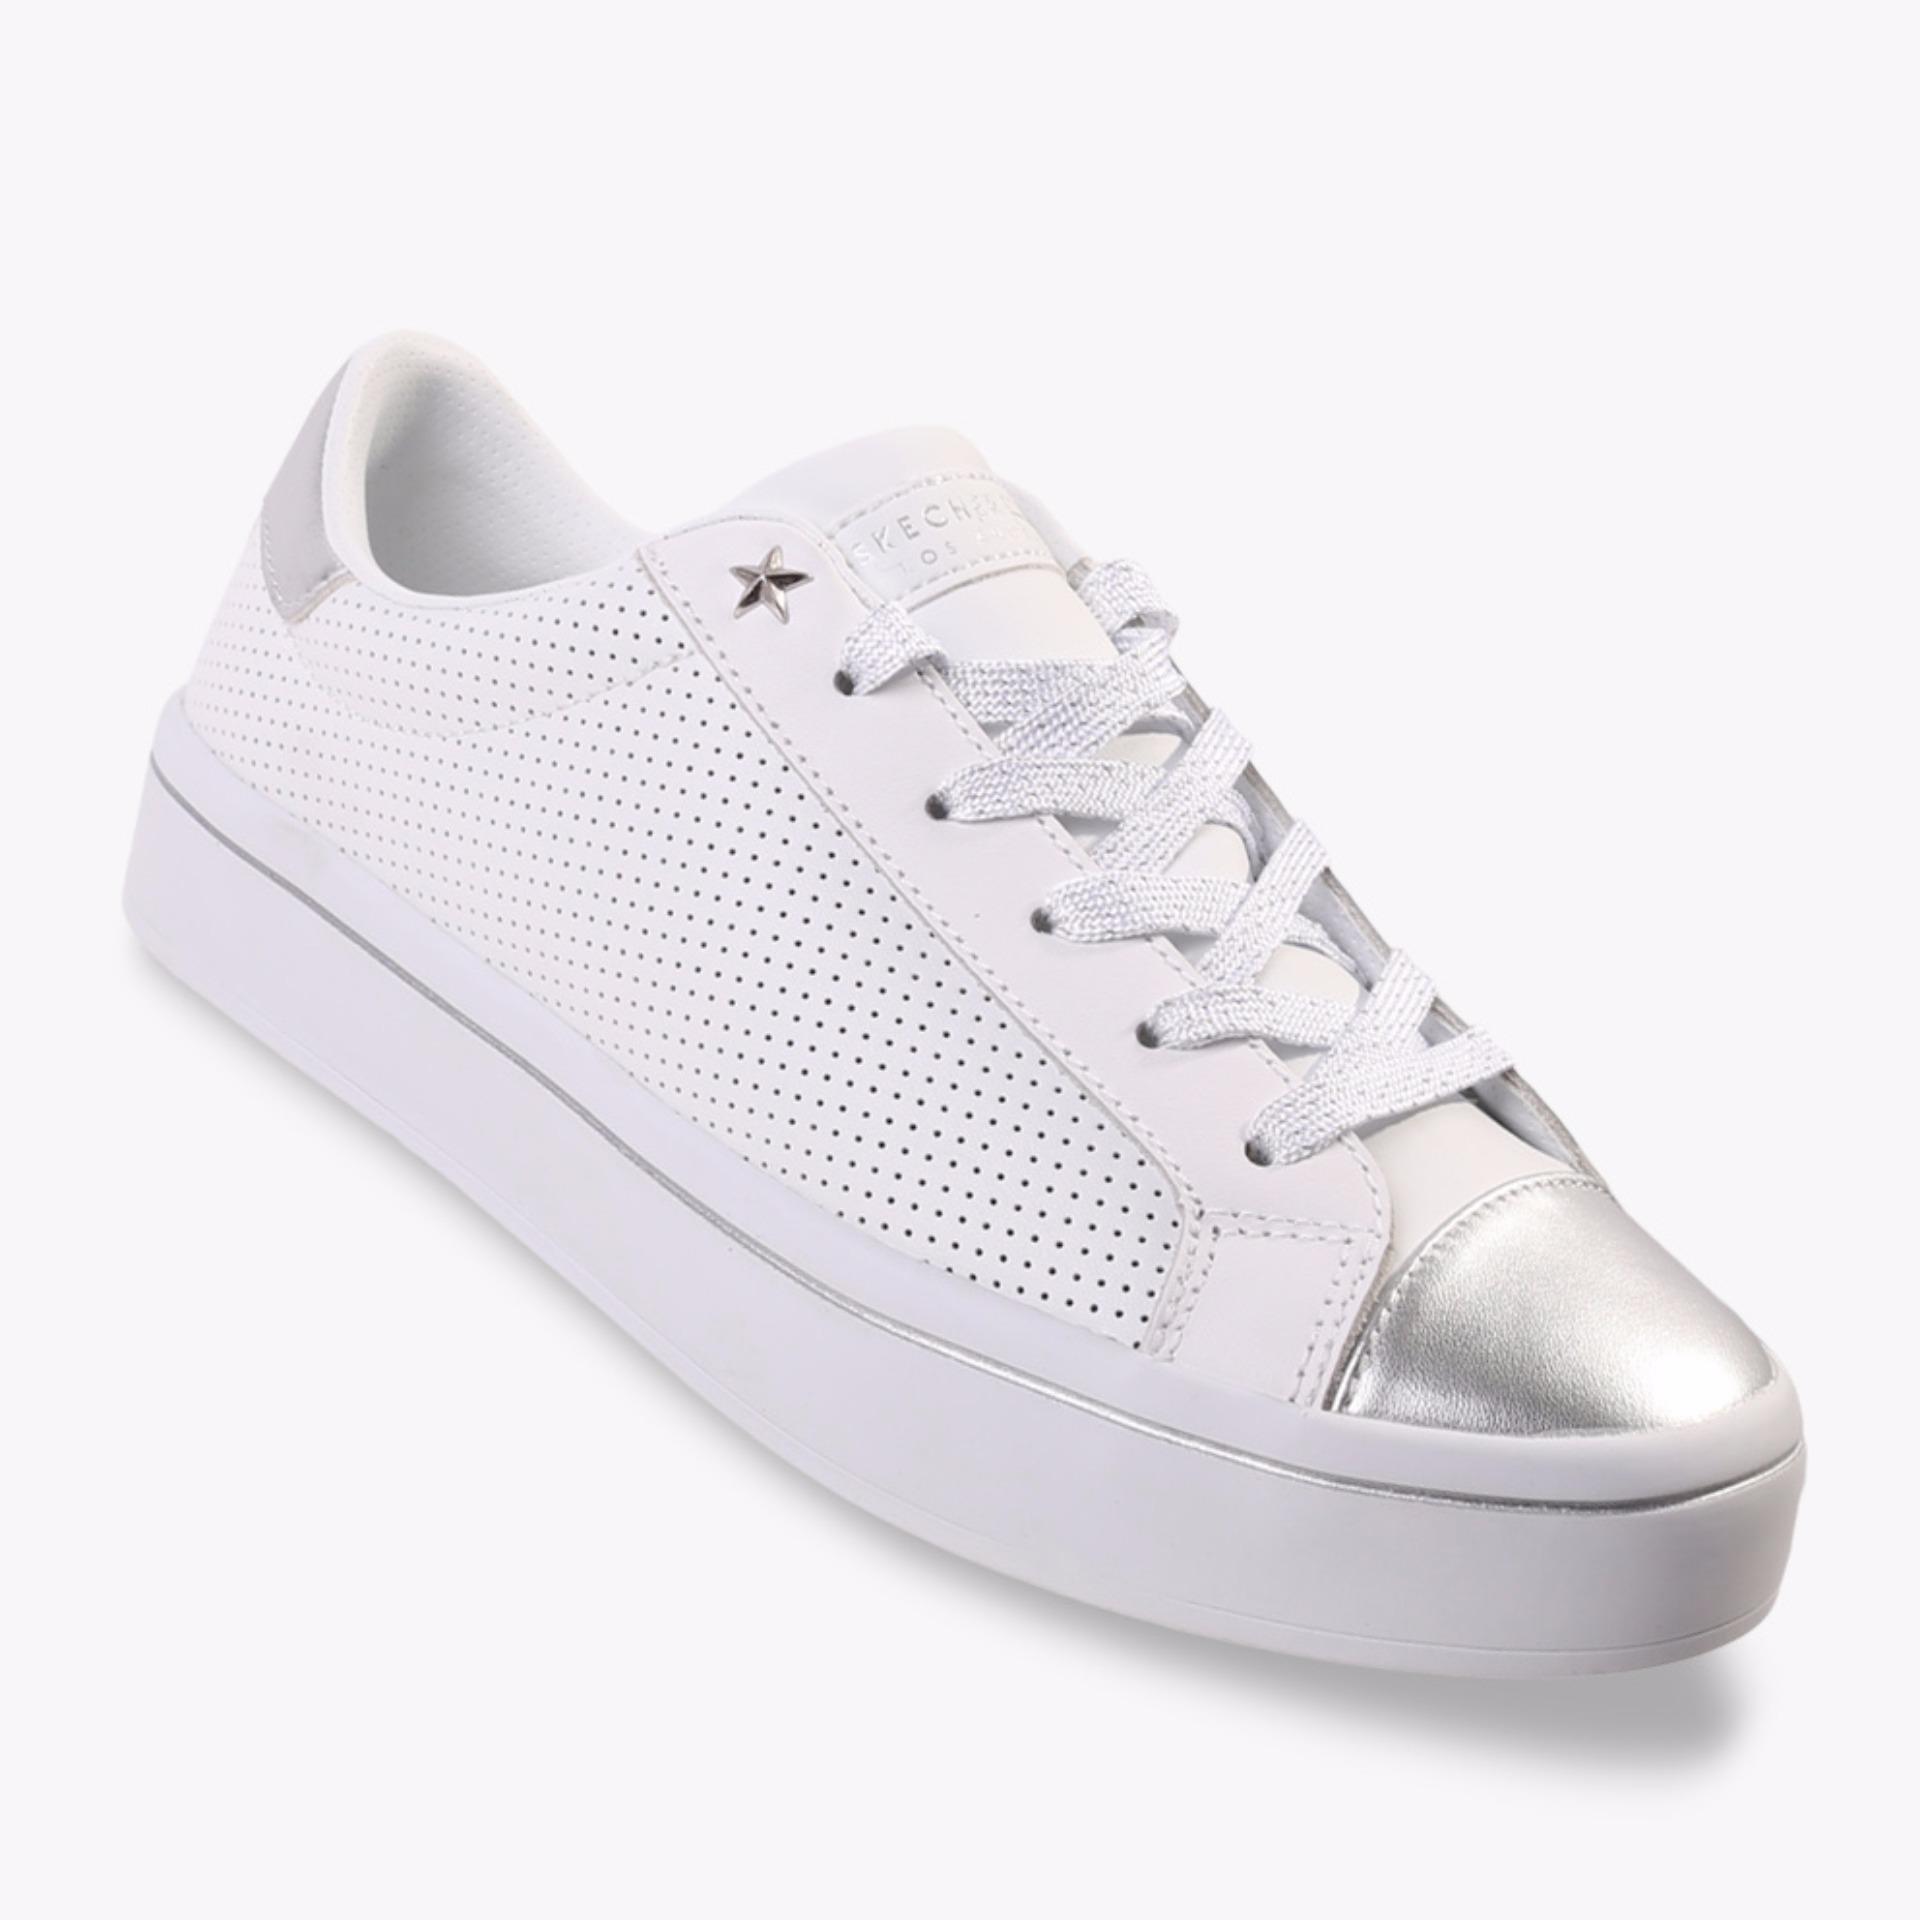 Skechers Hi Lites Magnetoes Women S Sneakers Shoes Putih Jawa Barat Diskon 50